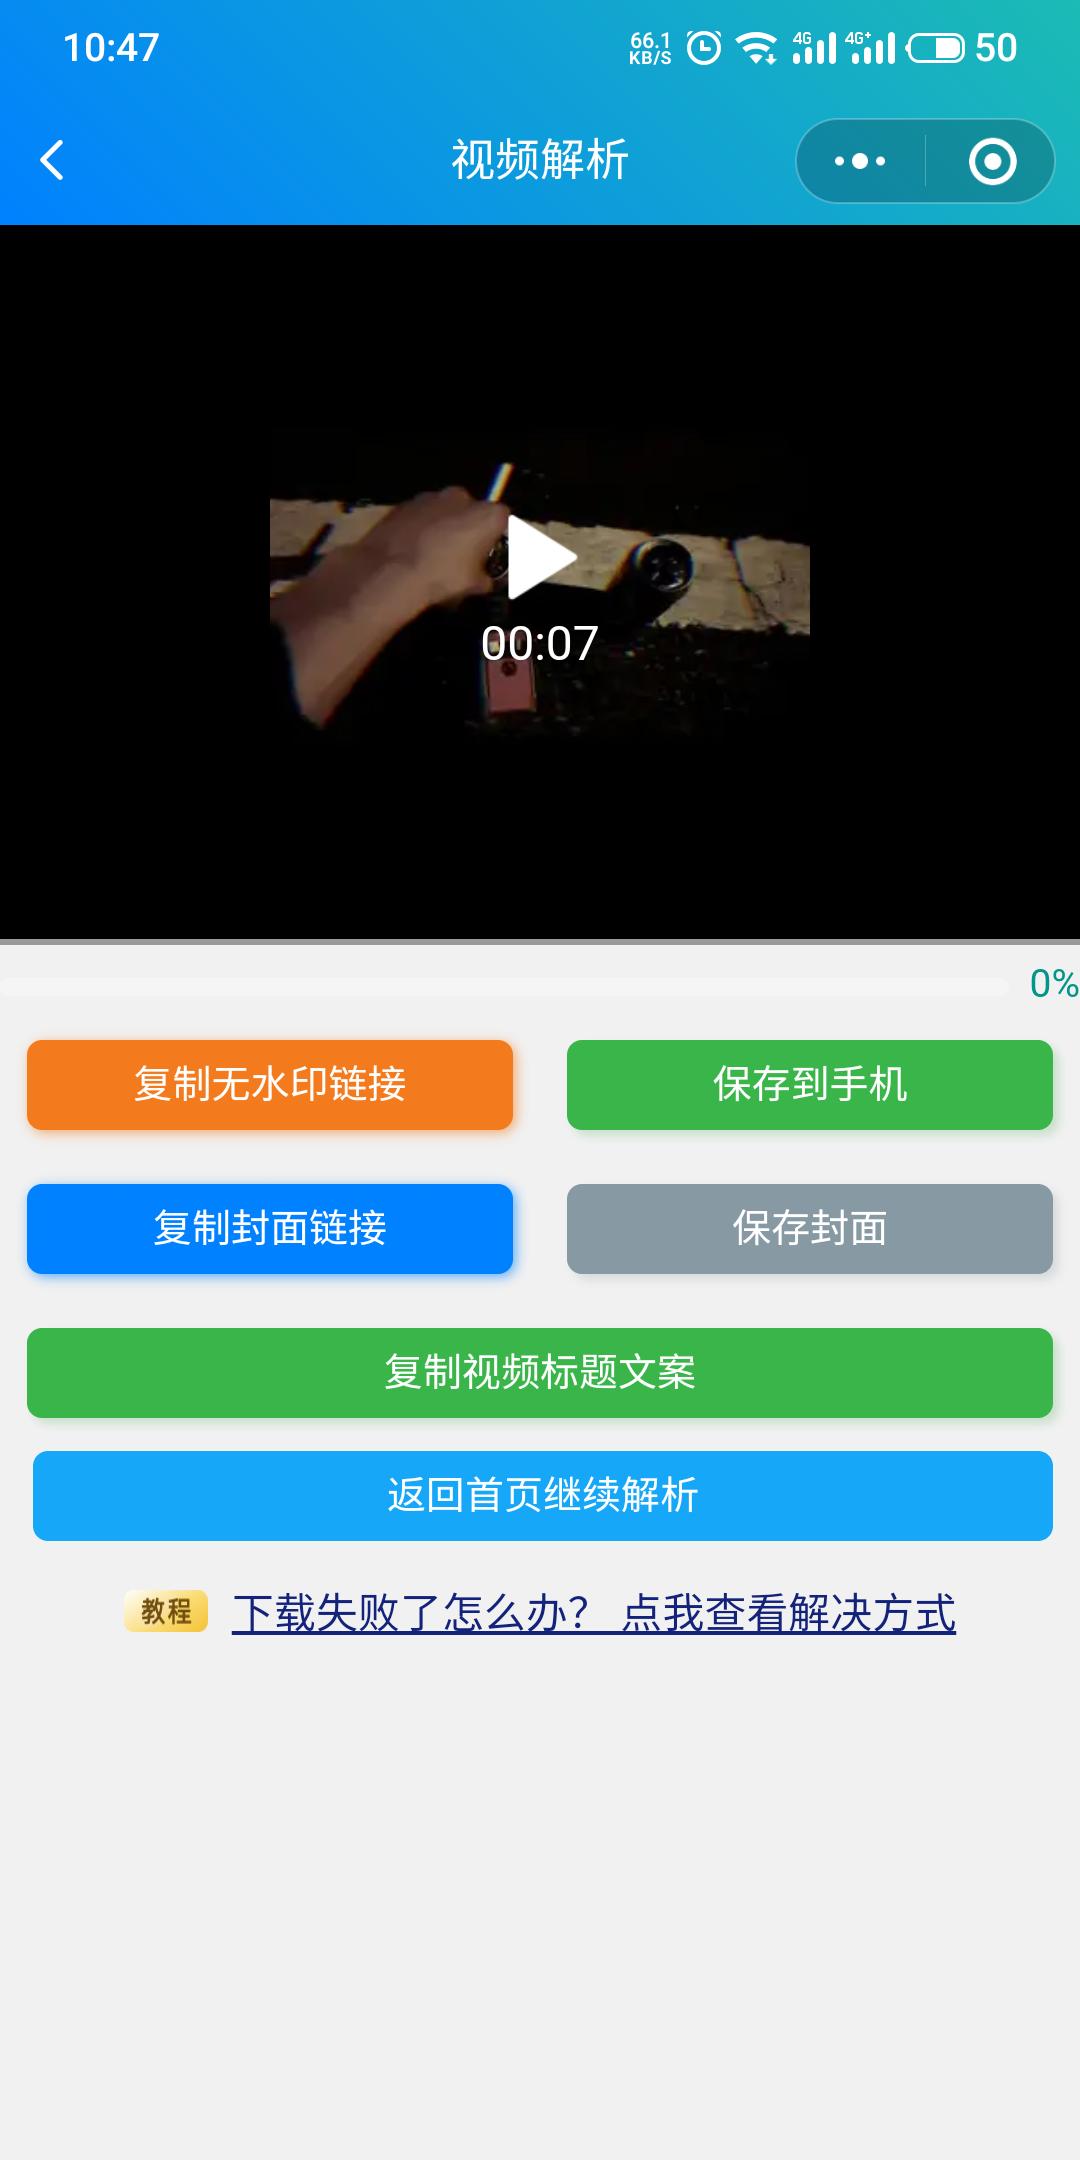 【小程序】炒鸡牛的去水印软件 md5修改